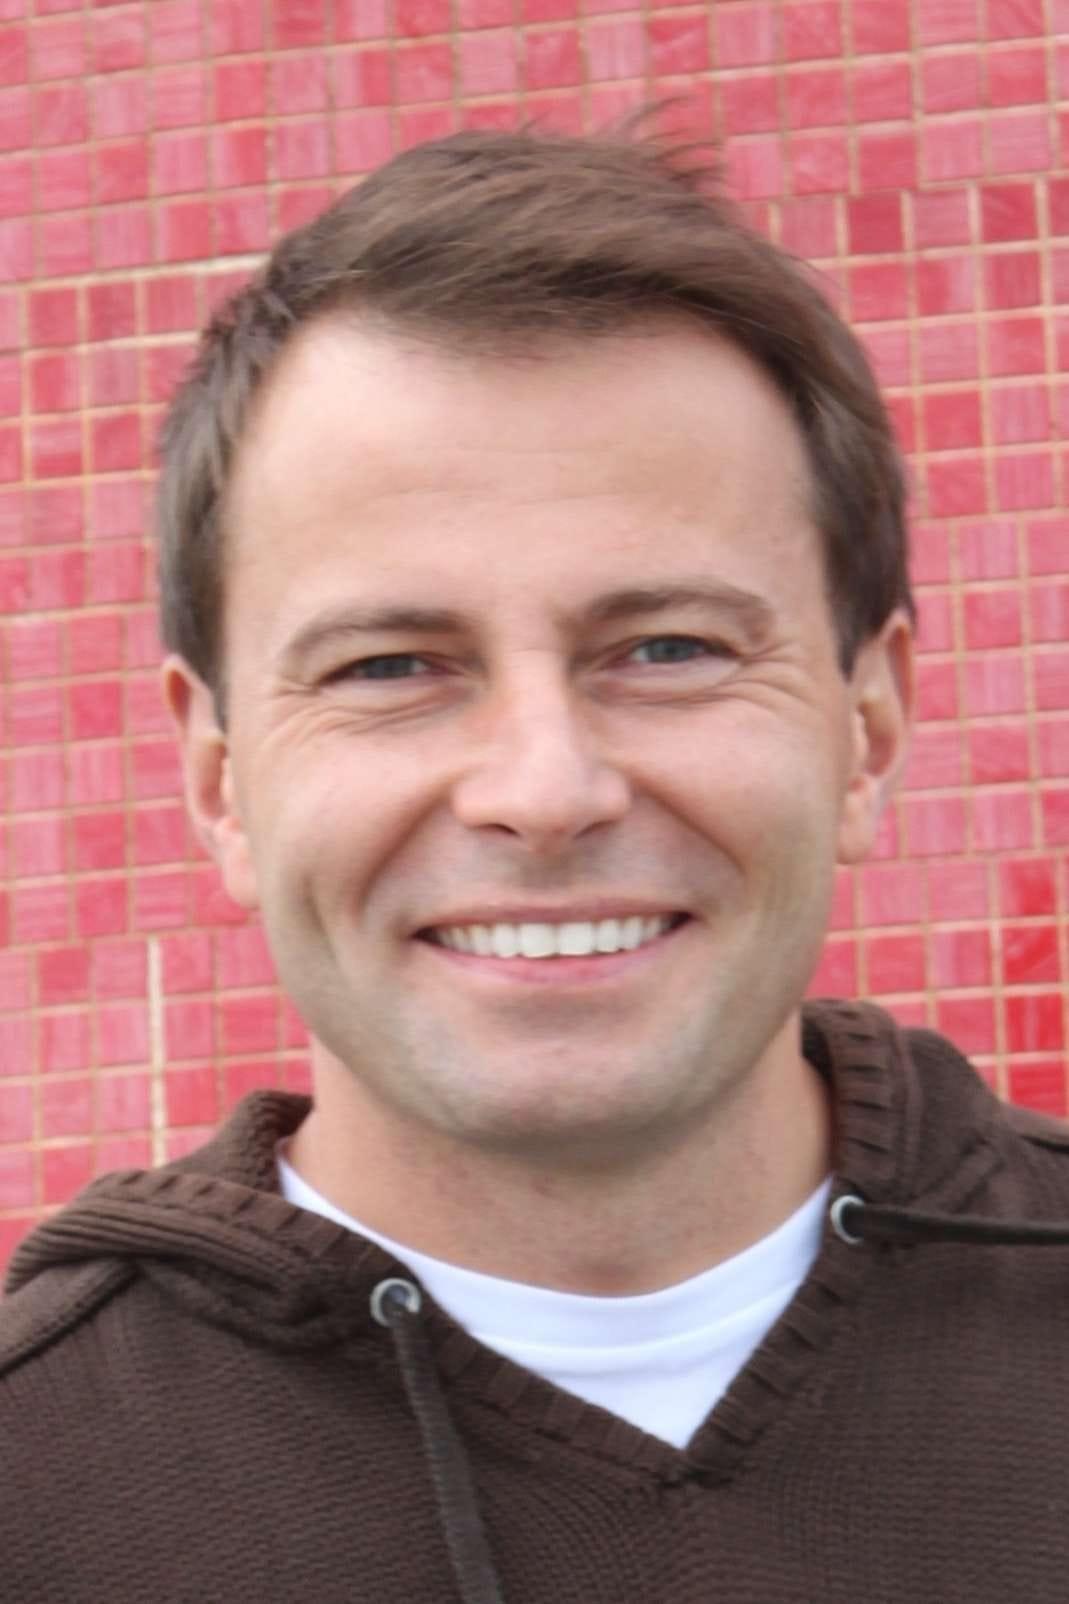 Tomasz Bednarek